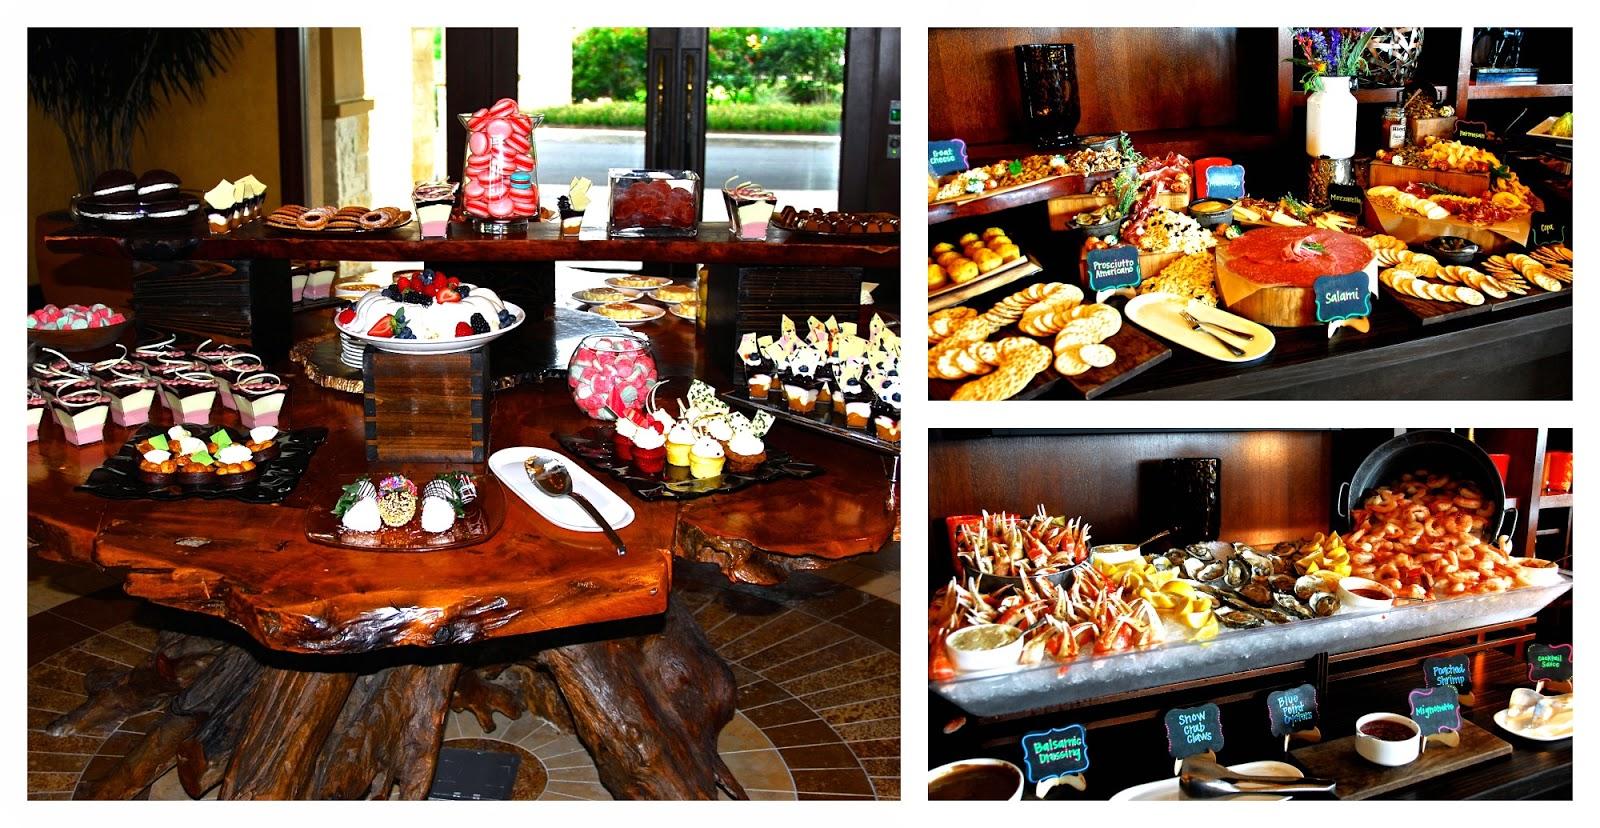 The Weekend Gourmet The Weekend Gourmet Hits The Road